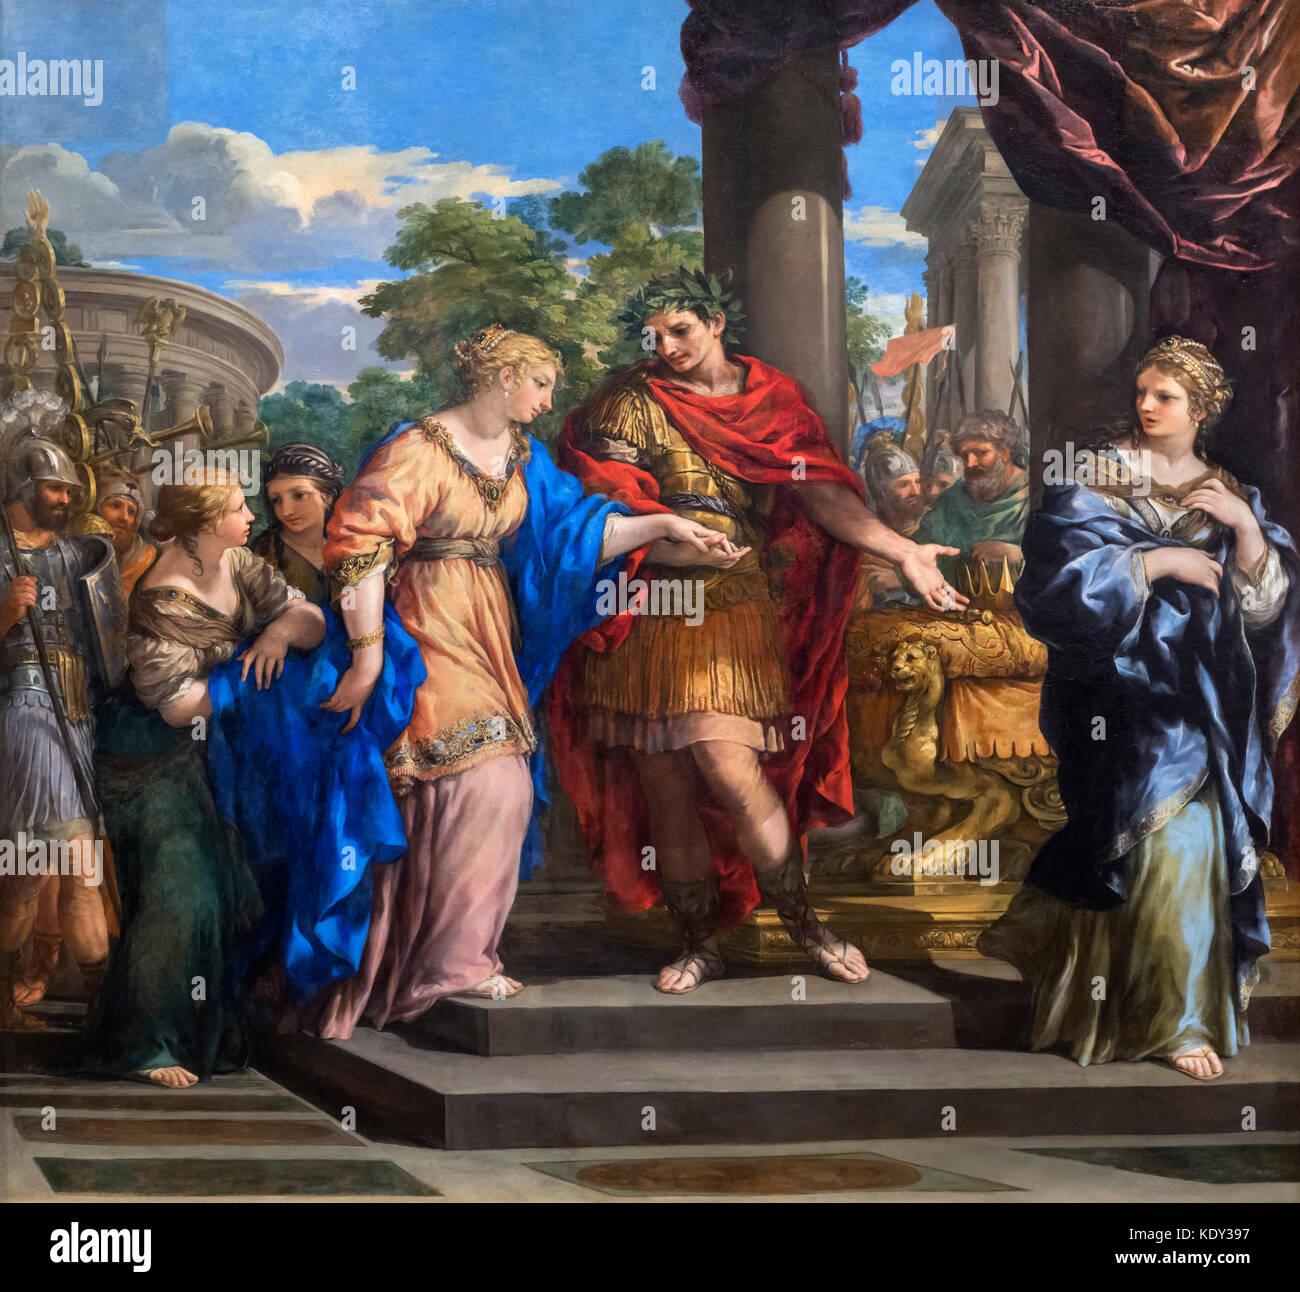 Caesar Giving Cleopatra the Throne of Egypt by Pietro da Cortona (Pietro Berrettini: 1596-1669), oil on canvas, - Stock Image